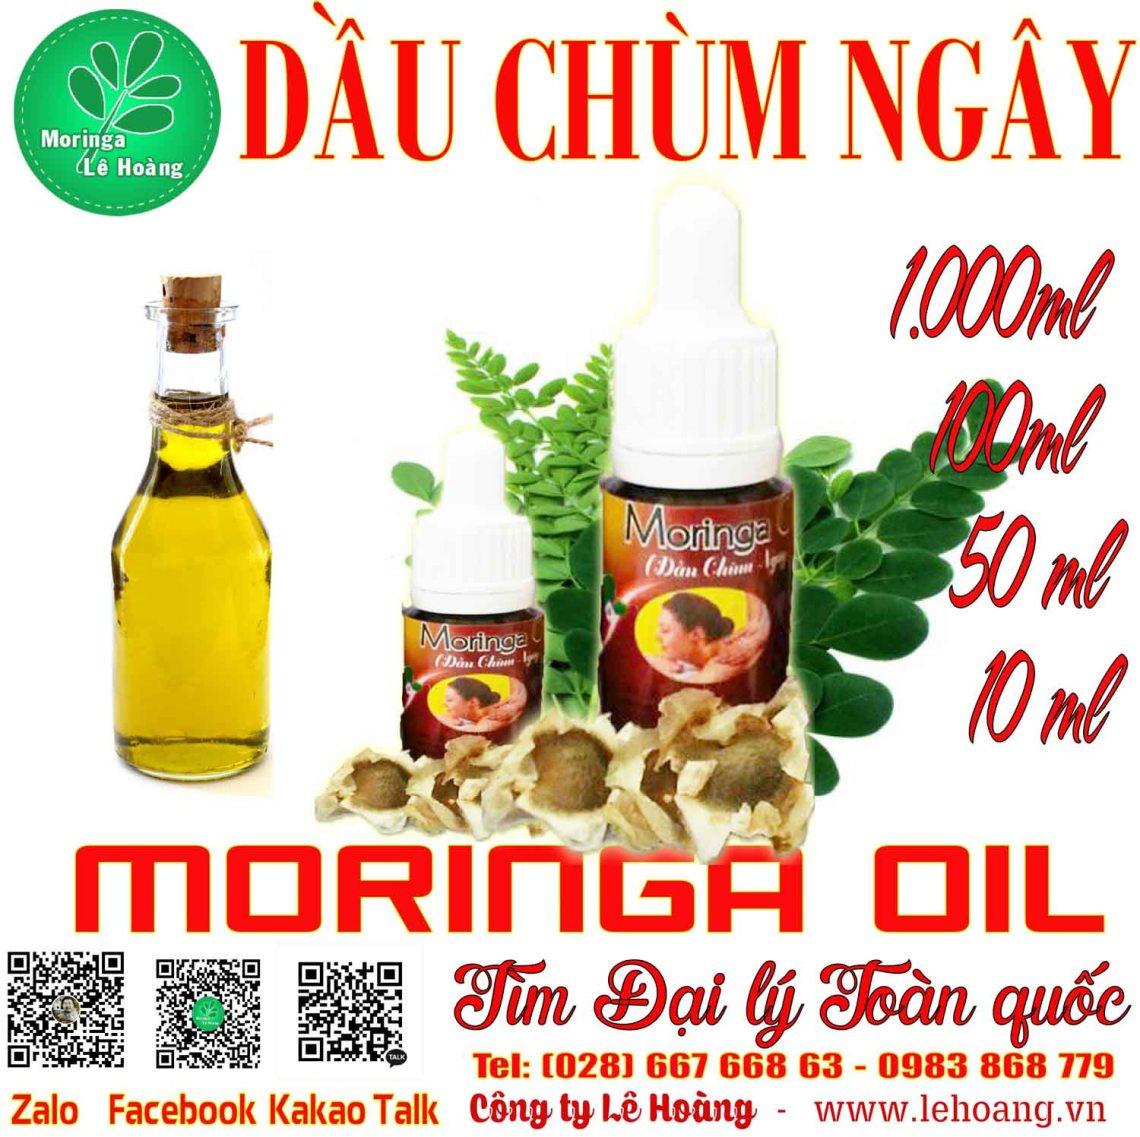 Dầu Chùm ngây (Moringa Seed Oil)